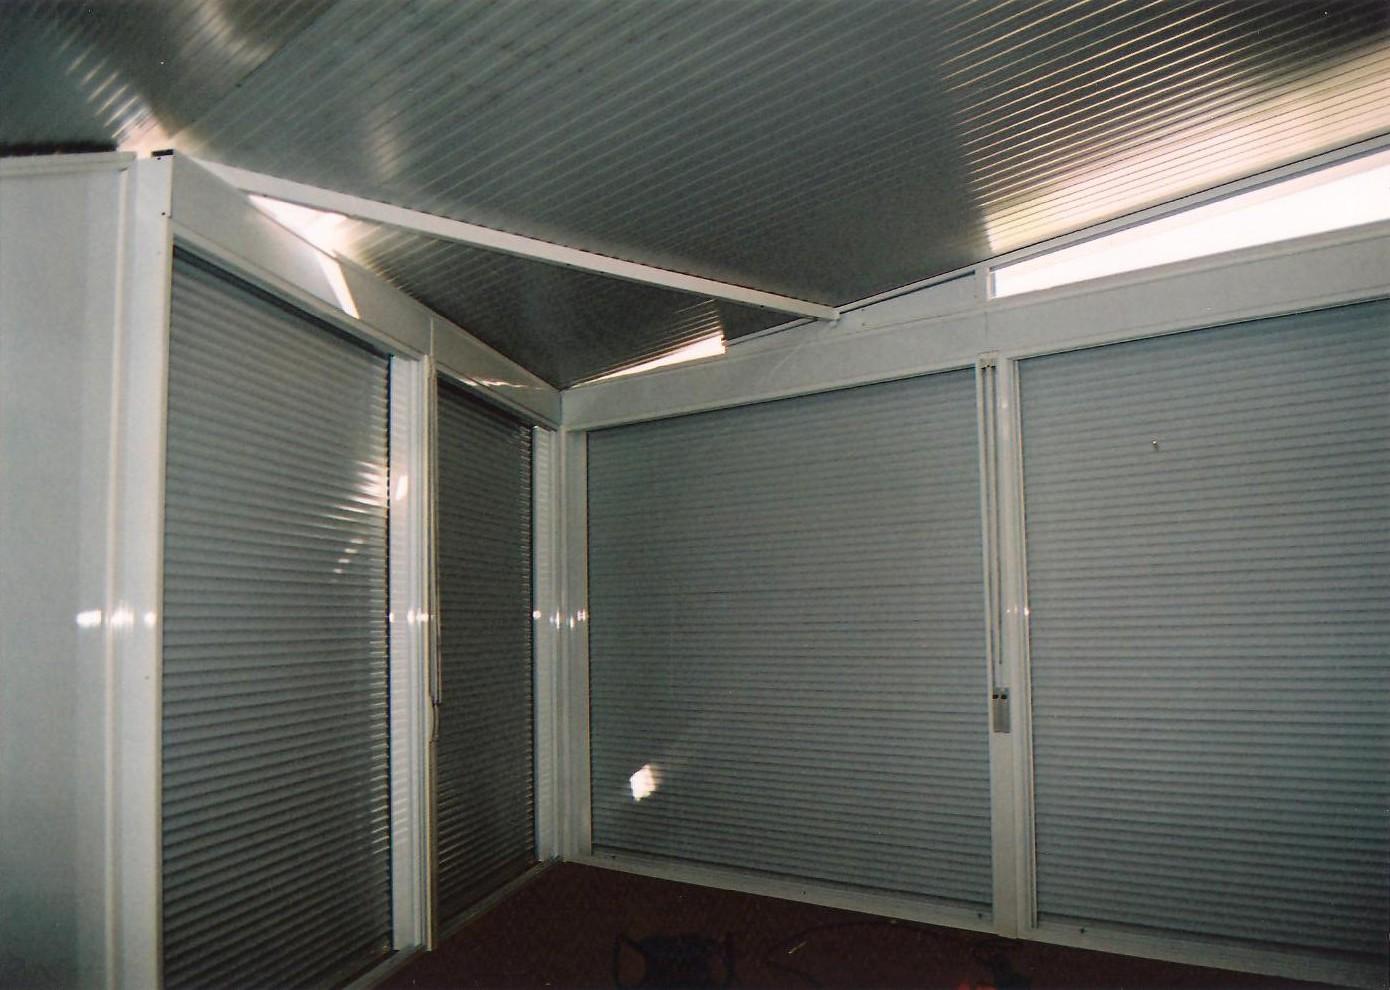 Cerramiento de acero y aluminio en terraza en barcelona for Cerramiento aluminio terraza